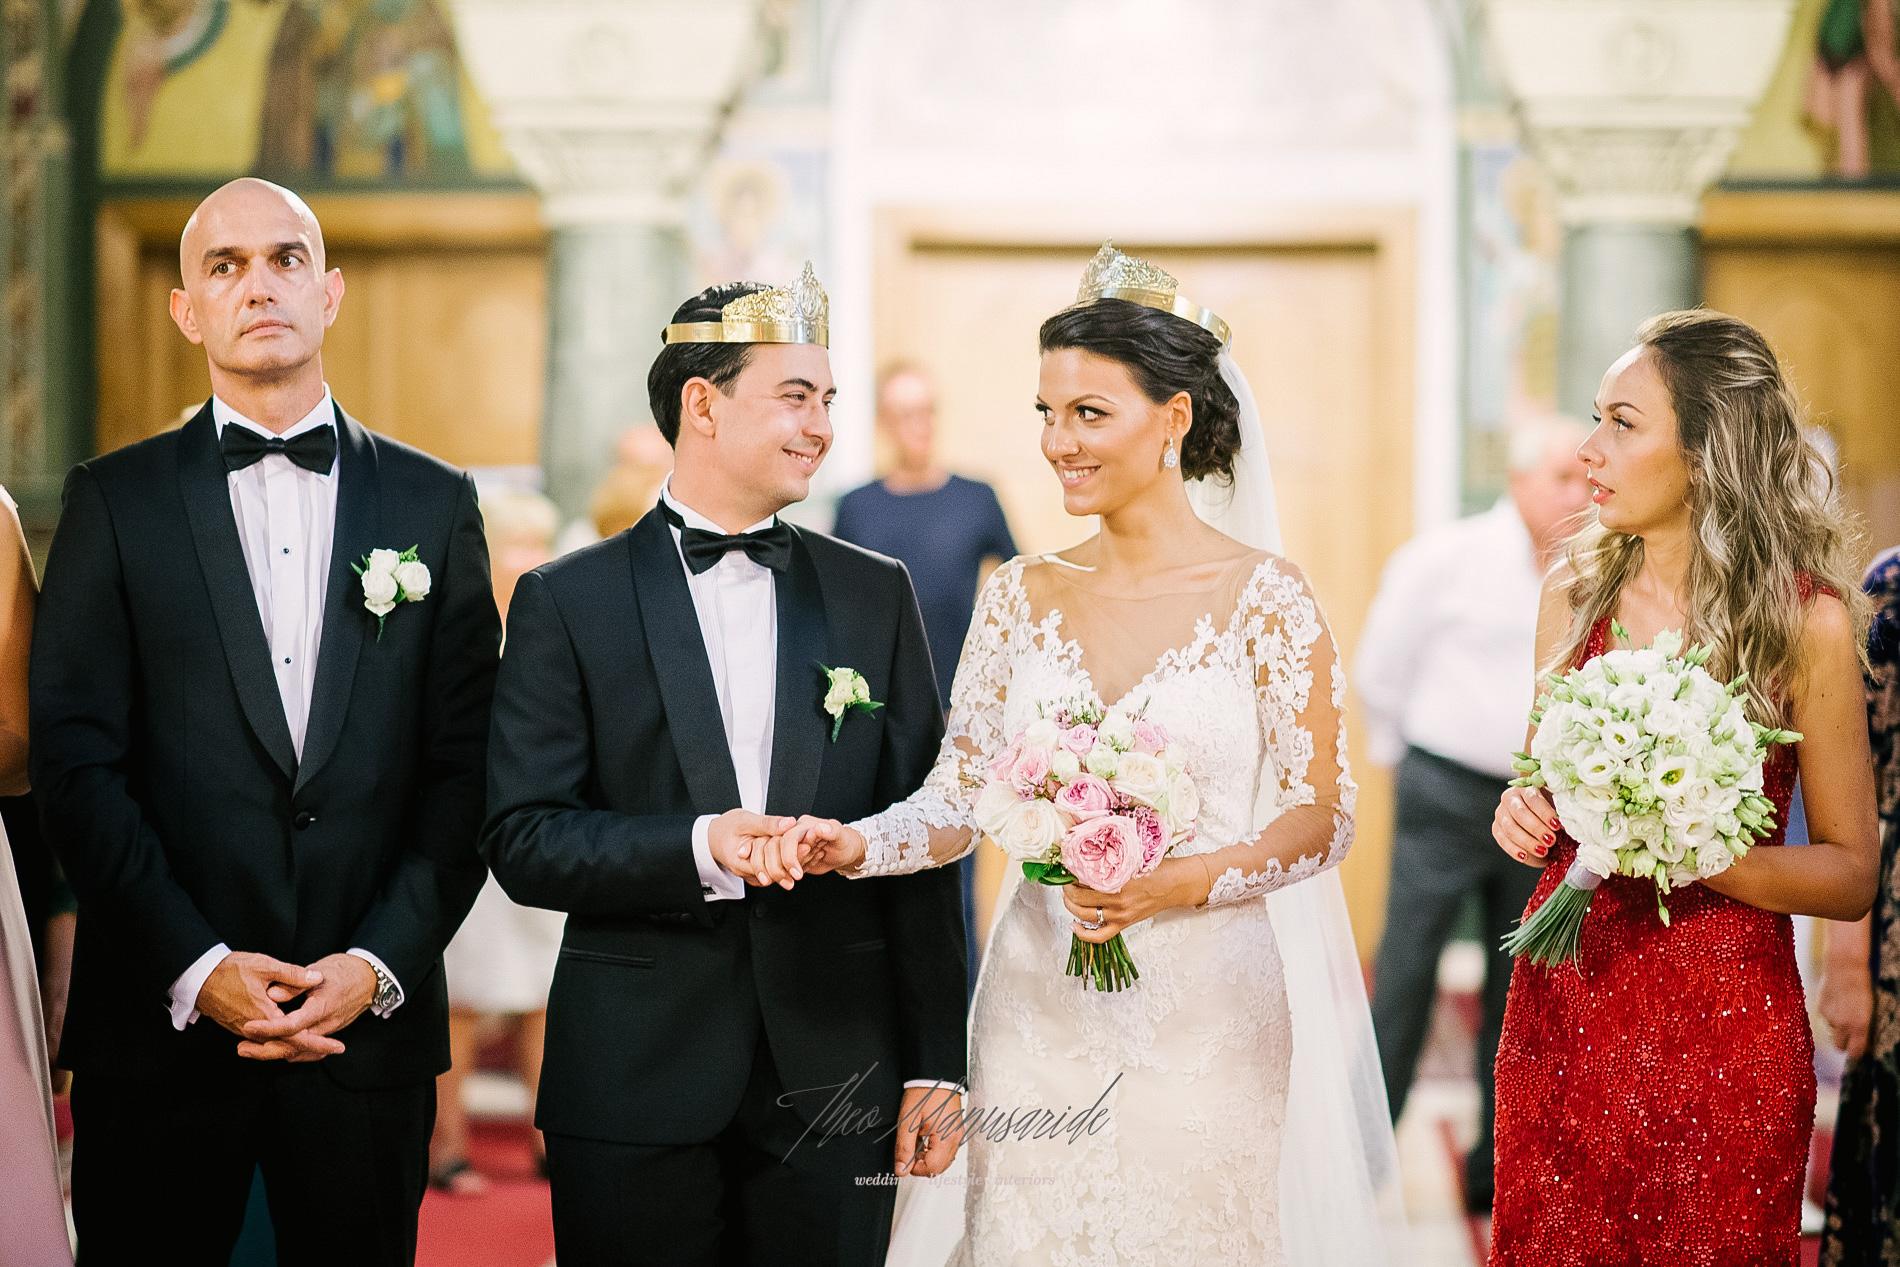 fotograf nunta biavati events-32-2